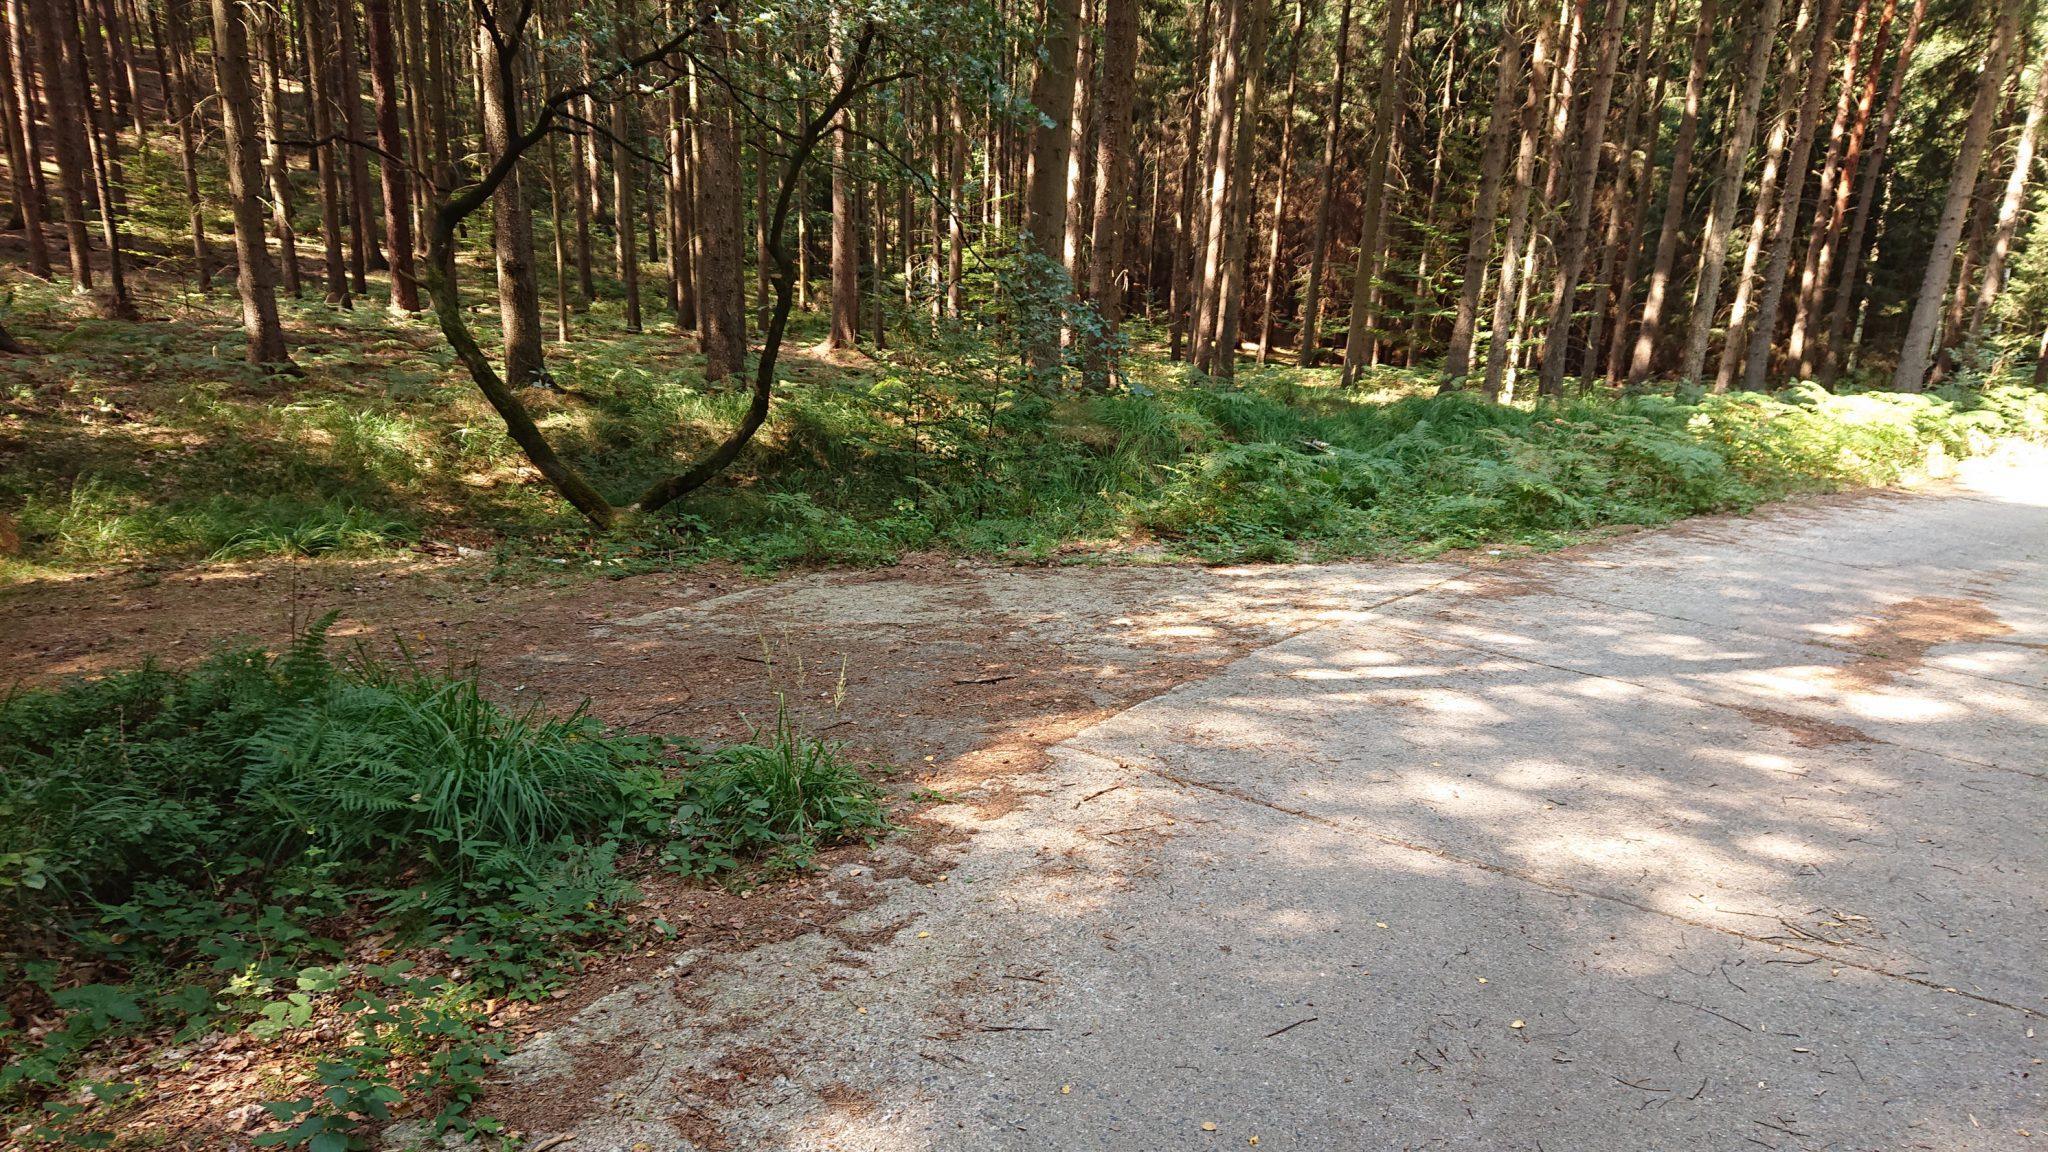 Der erste Pfad der links abgeht vom Hohen Liebenweg (Betonplatten), Hohe Liebe Schrammsteine Carolafelsen, Wanderweg im Wanderparadies Sächsische Schweiz mit vielen tollen Aussichten, riesiger Felsennationalpark